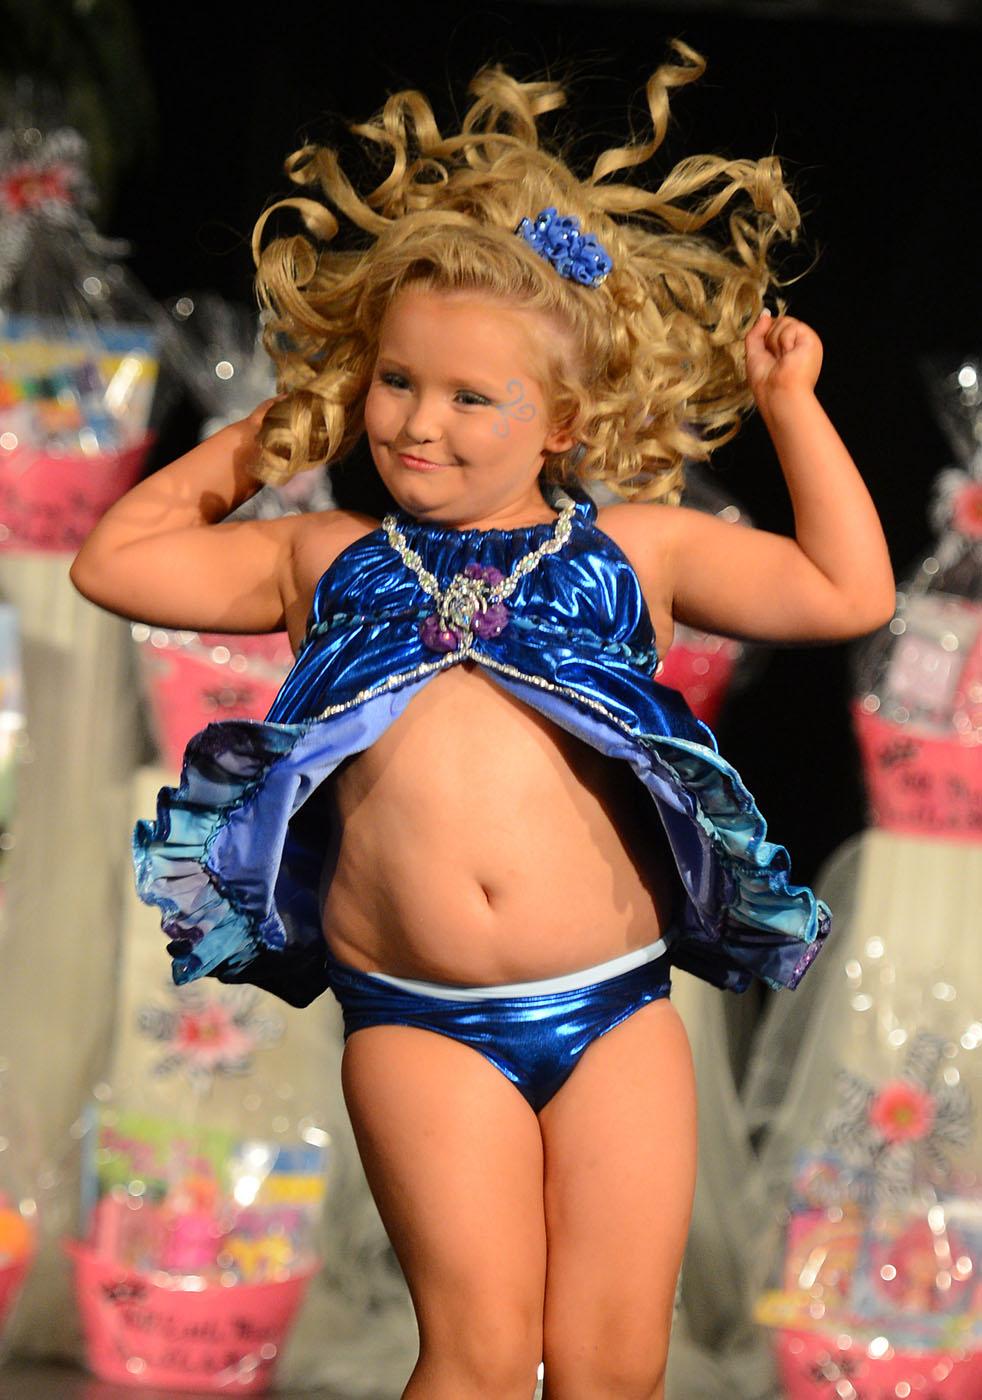 Смотреть онлайн порно маленькой девочки 14 фотография